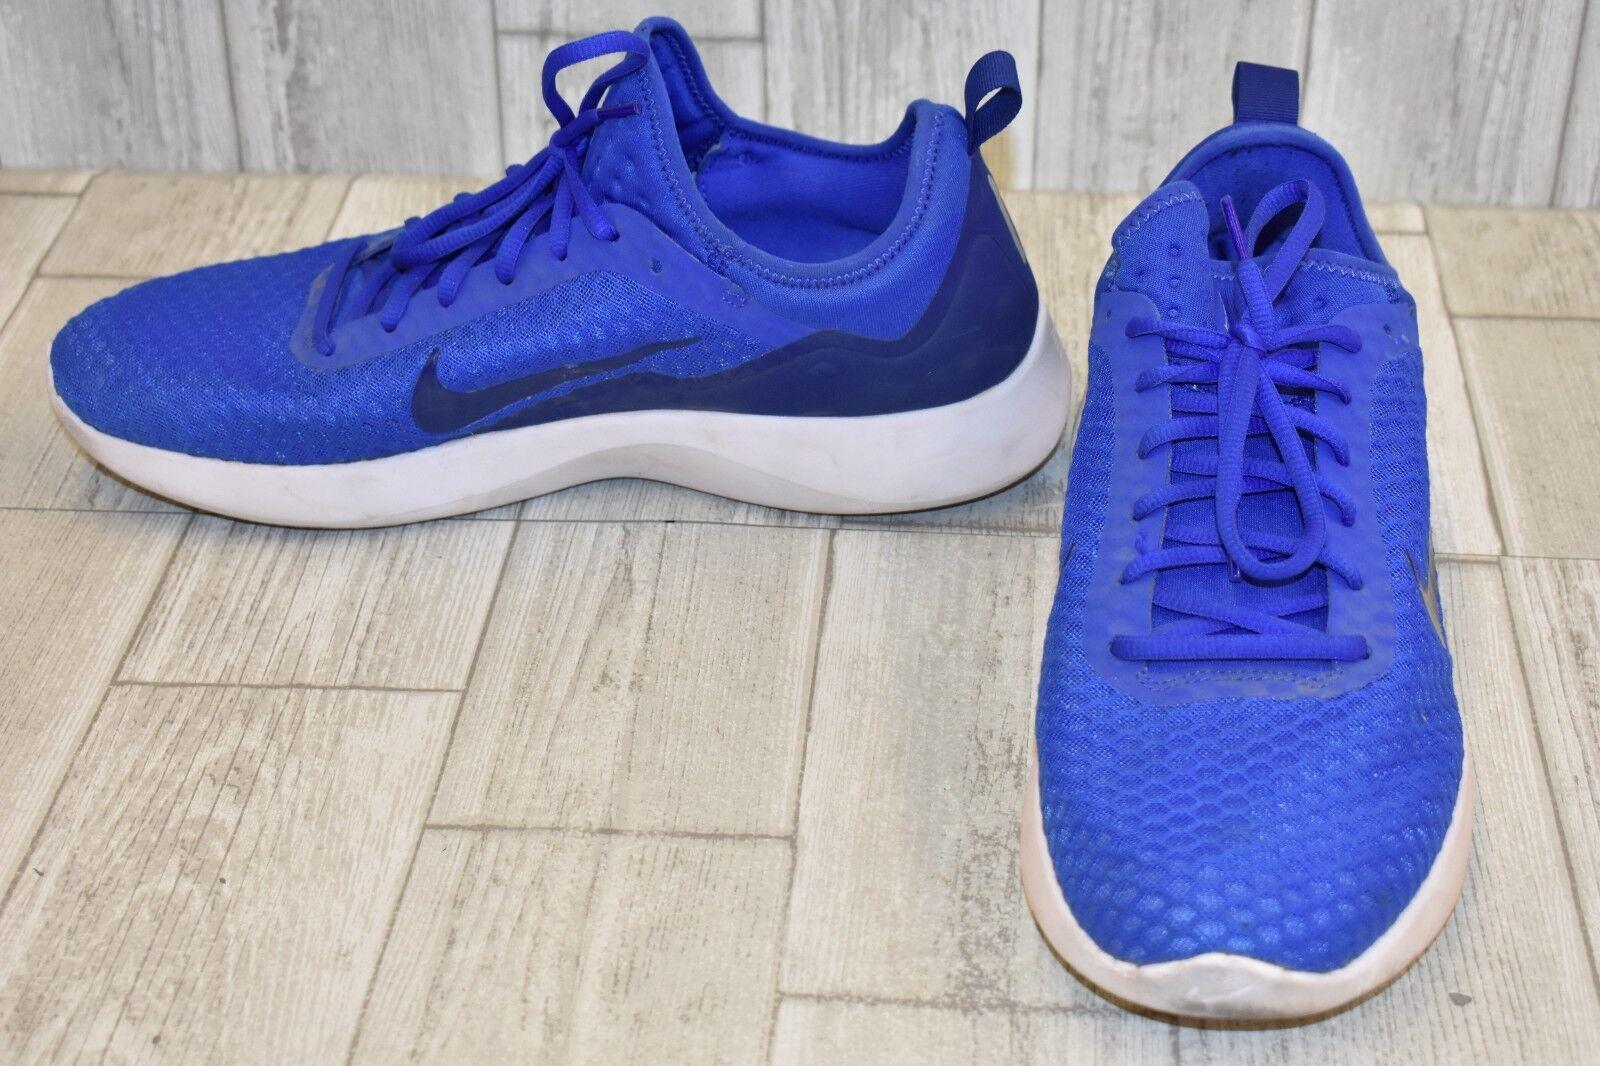 new products c10cb 85770 ... Nike air max kantara scarpe da corsa, numero uomo numero corsa, 13,  blue danneggiato